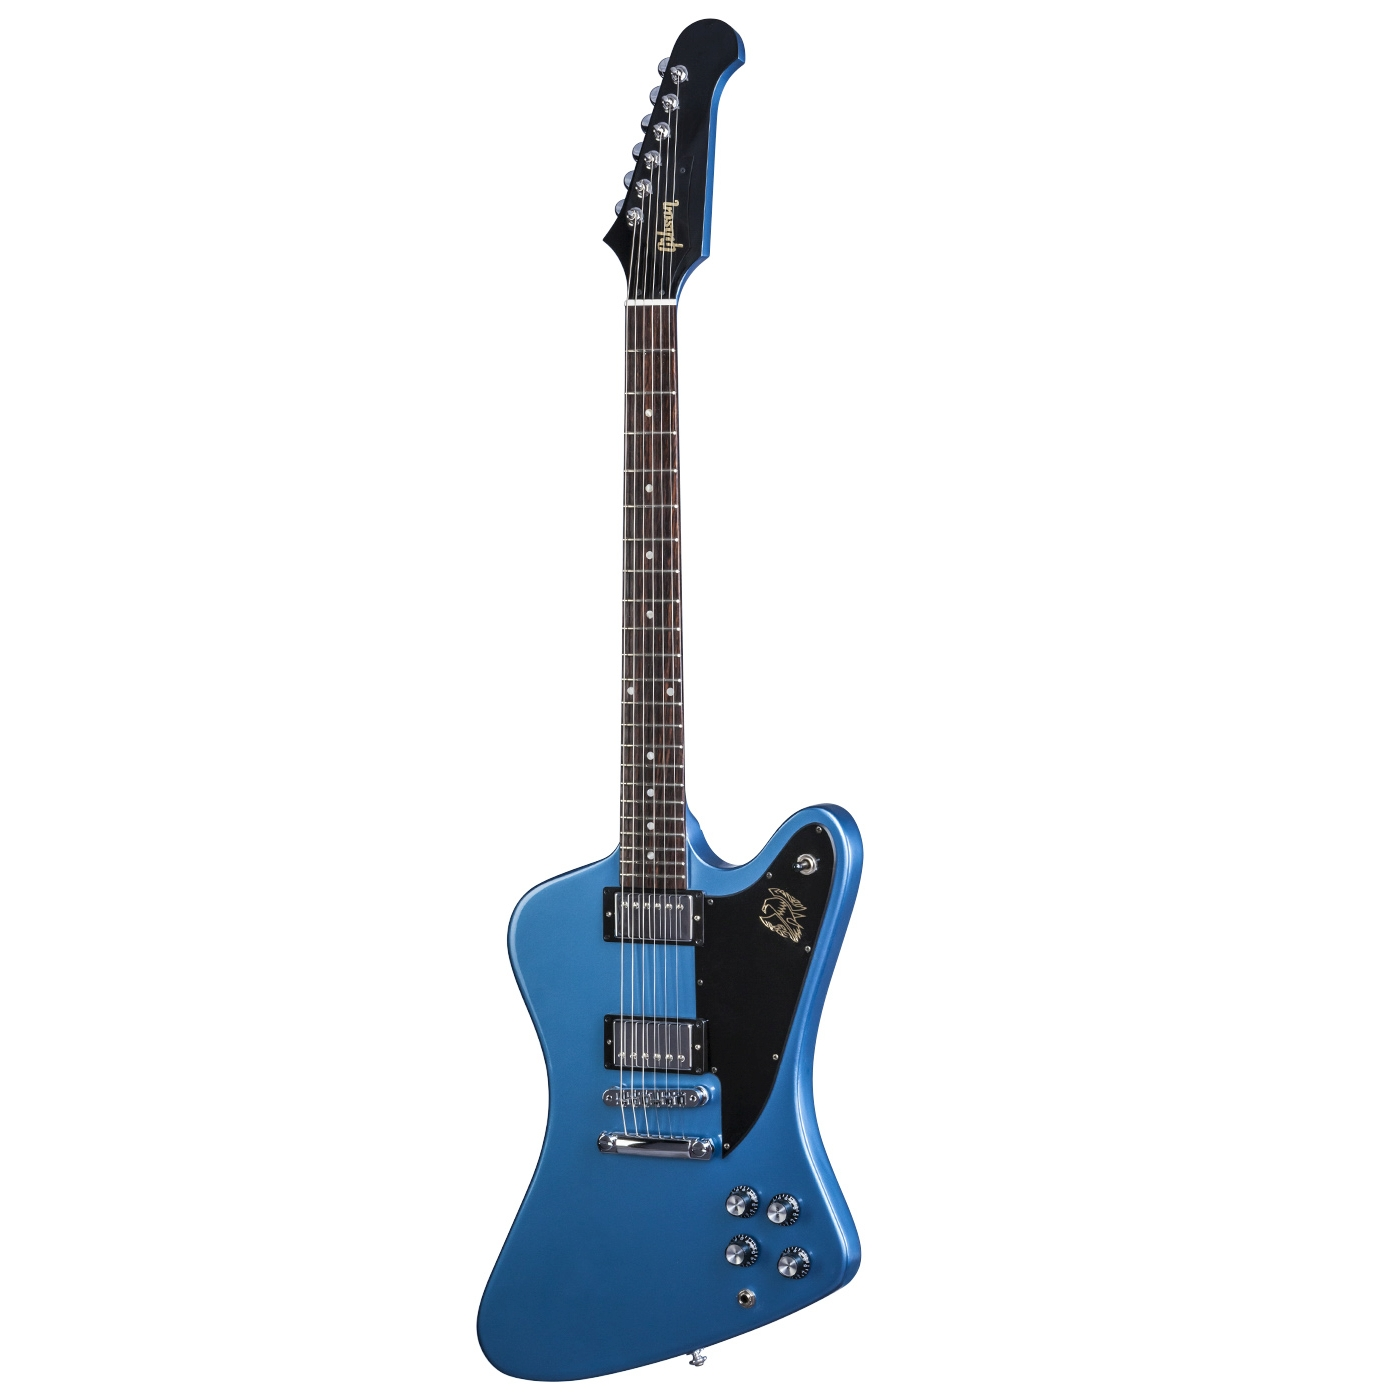 Gibson Firebird Studio T 2017 Pelham Blue inkl. Tasche